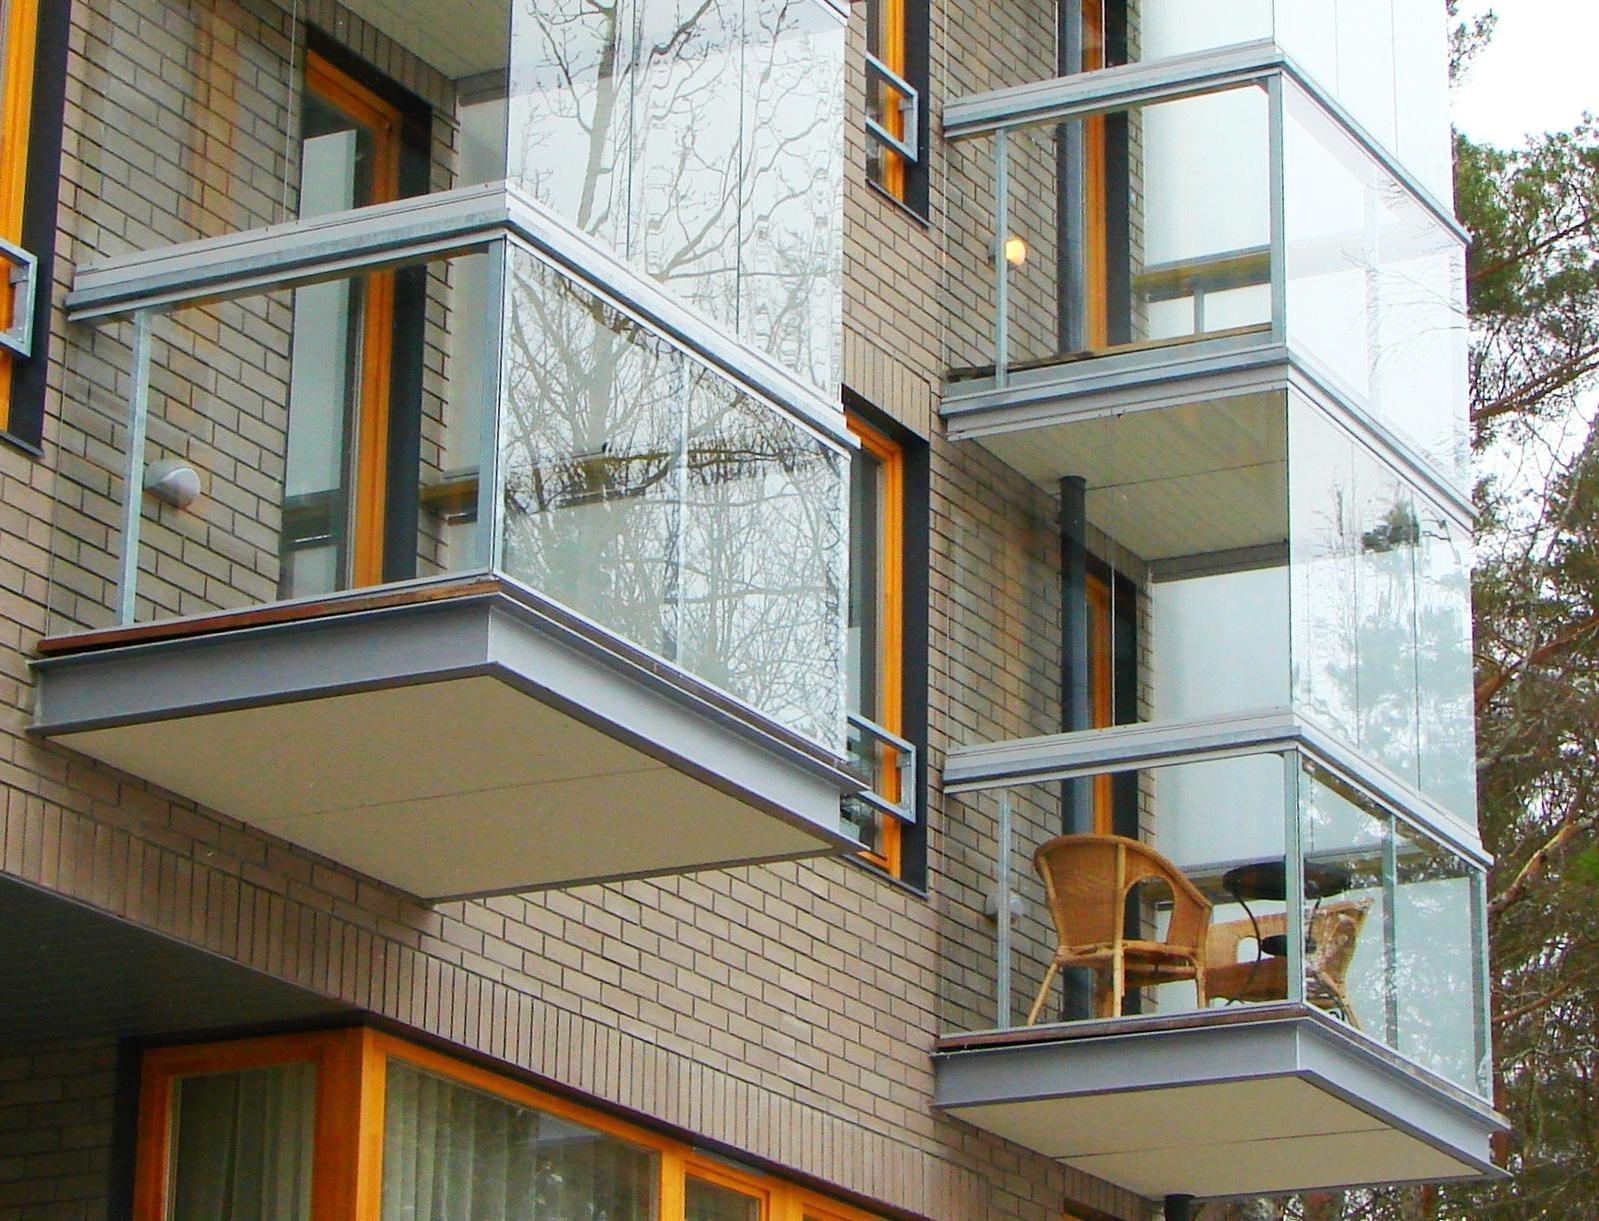 Закрыть балкон снаружи